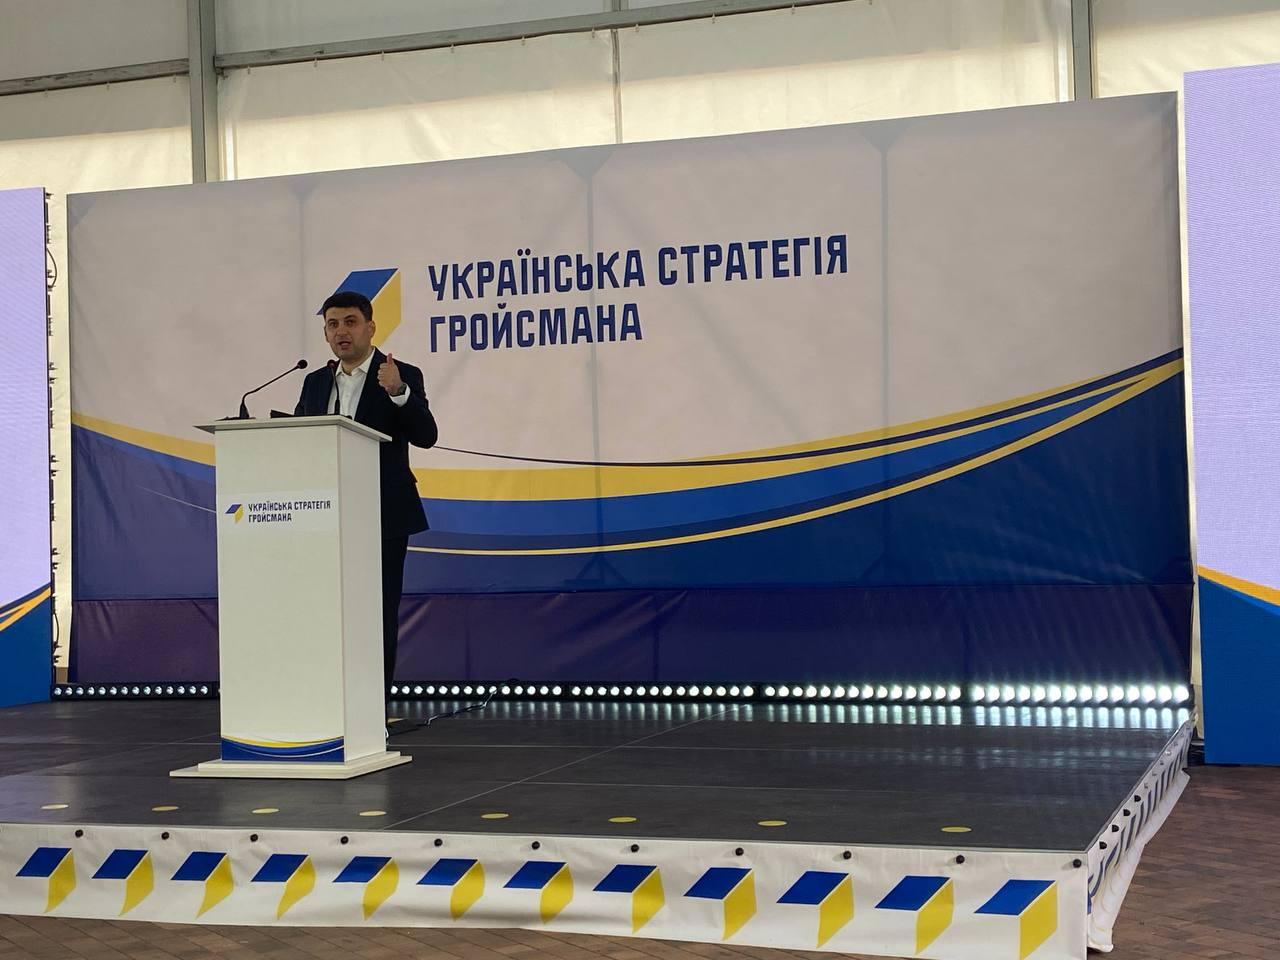 """""""Зараз ми спостерігаємо політичну кризу,"""" – Володимир Гройсман під час конференції на Вінниччині"""